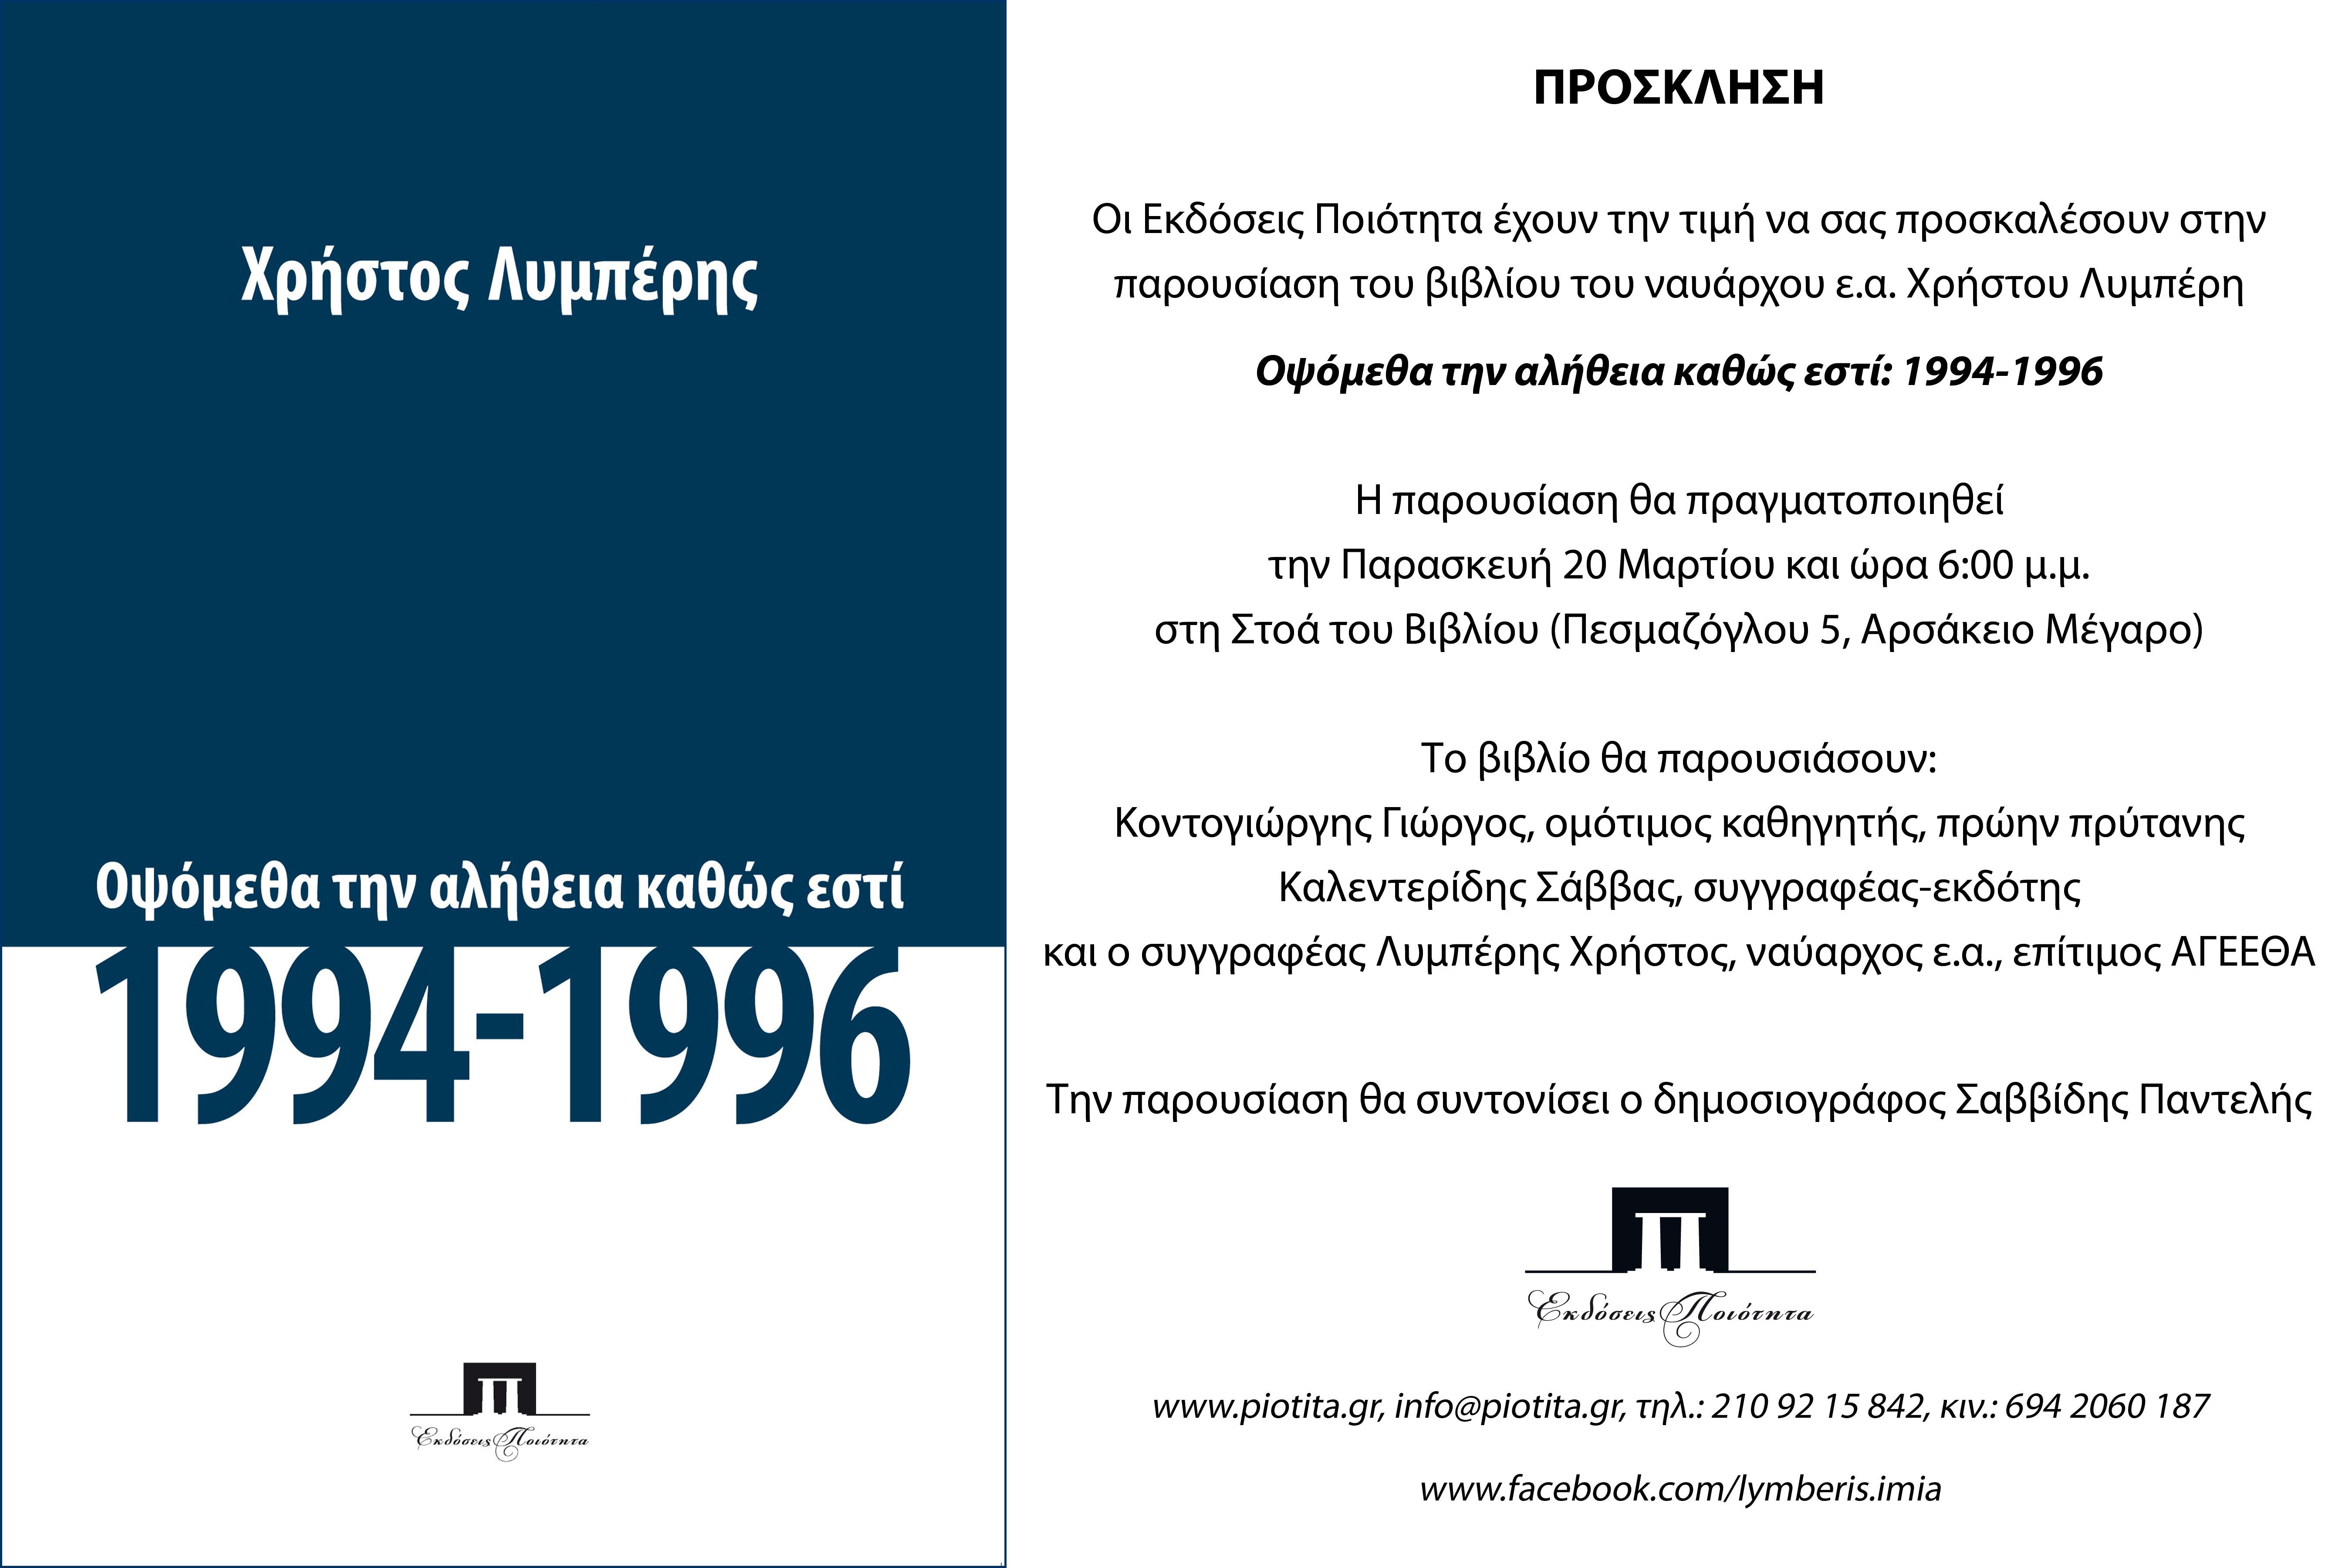 Πρόσκληση_ΙΜΙΑ